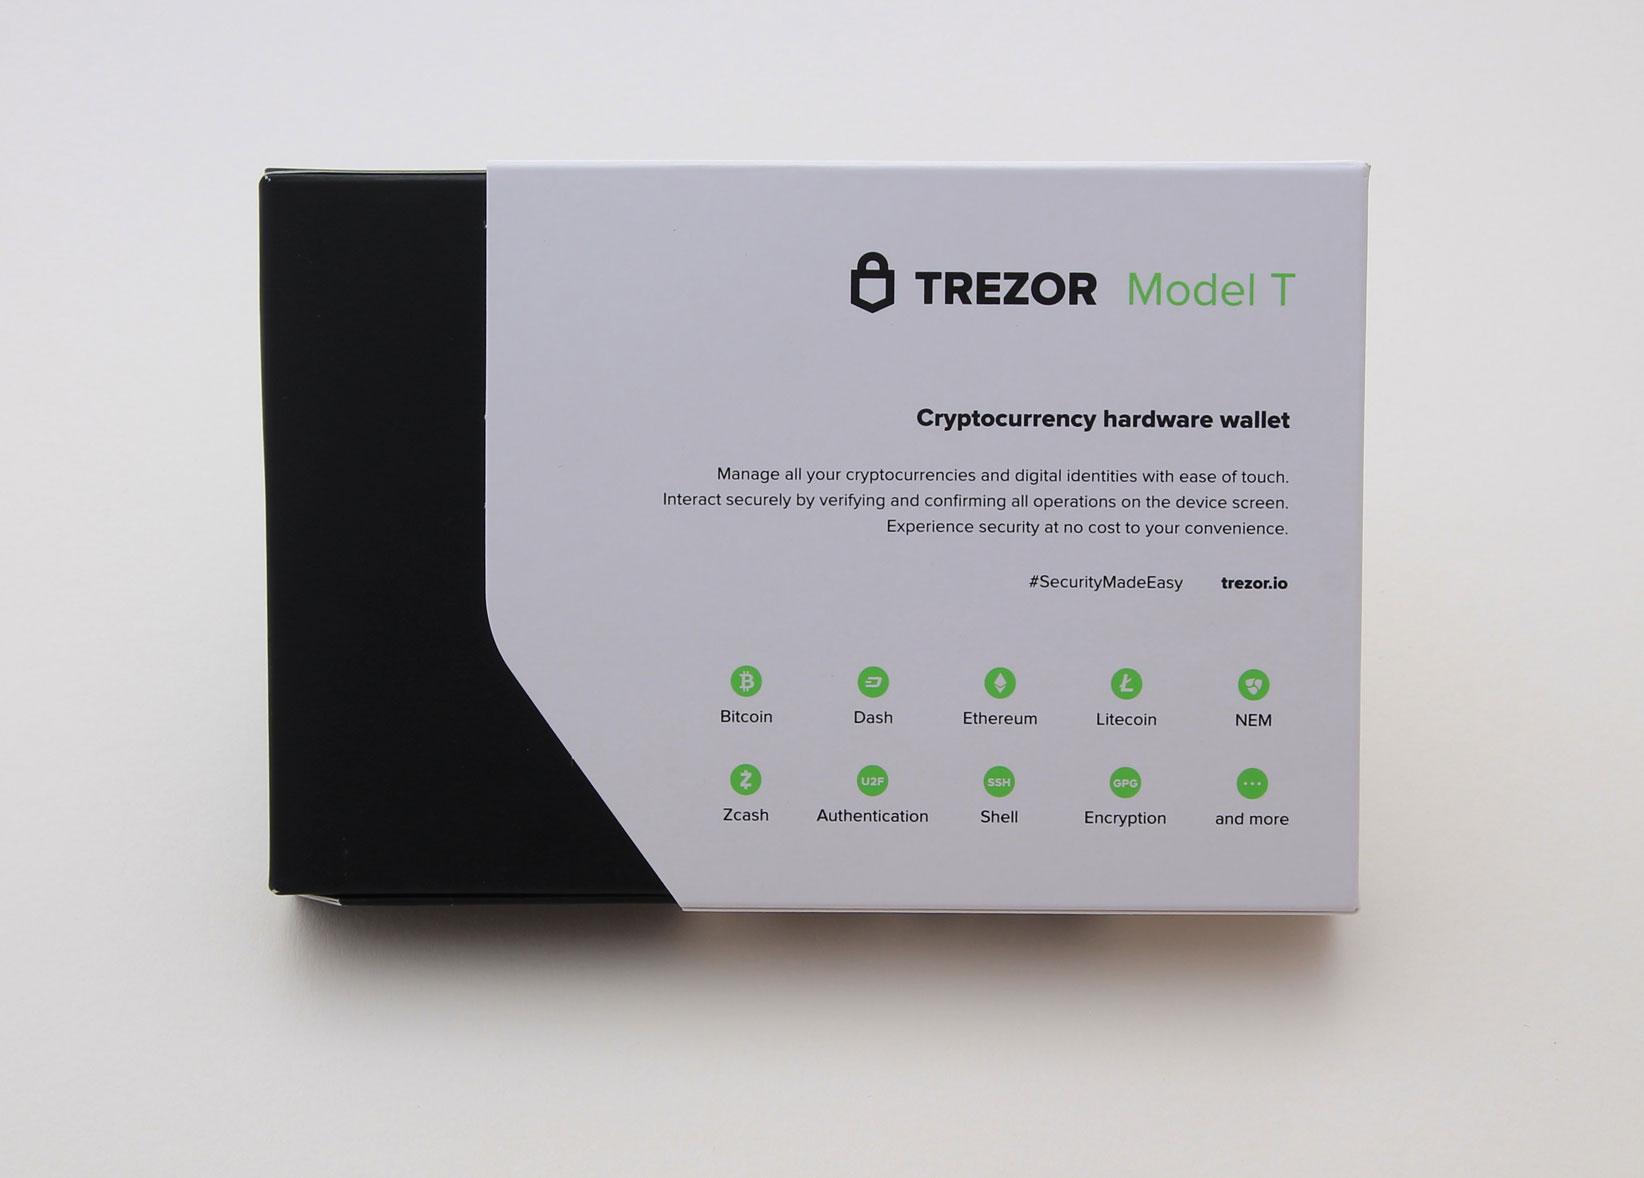 obzor-apparatnogo-koshelka-trezor-model-t_02